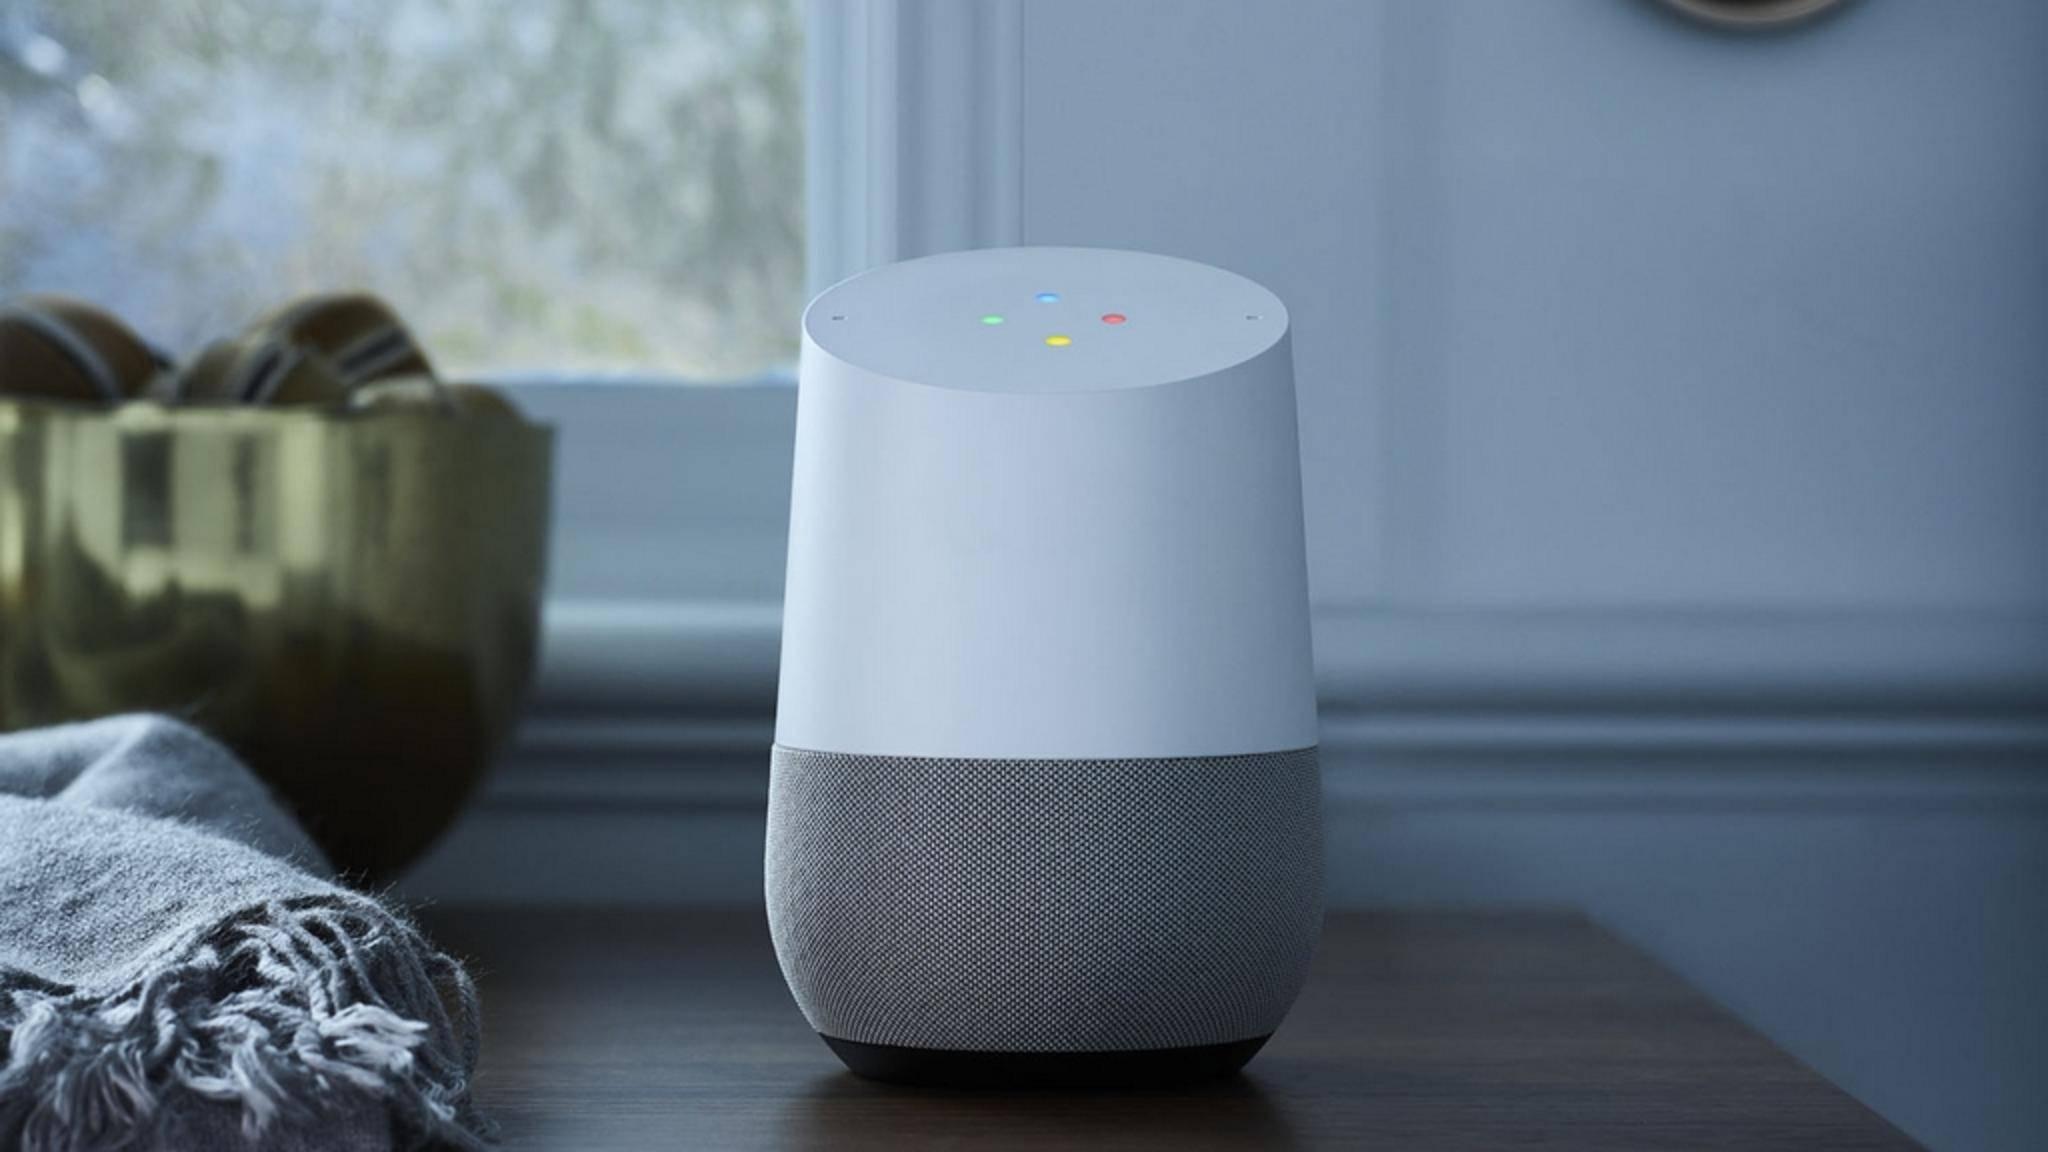 turn on weekly google home das iphone 8 und gegrillte rekorde. Black Bedroom Furniture Sets. Home Design Ideas